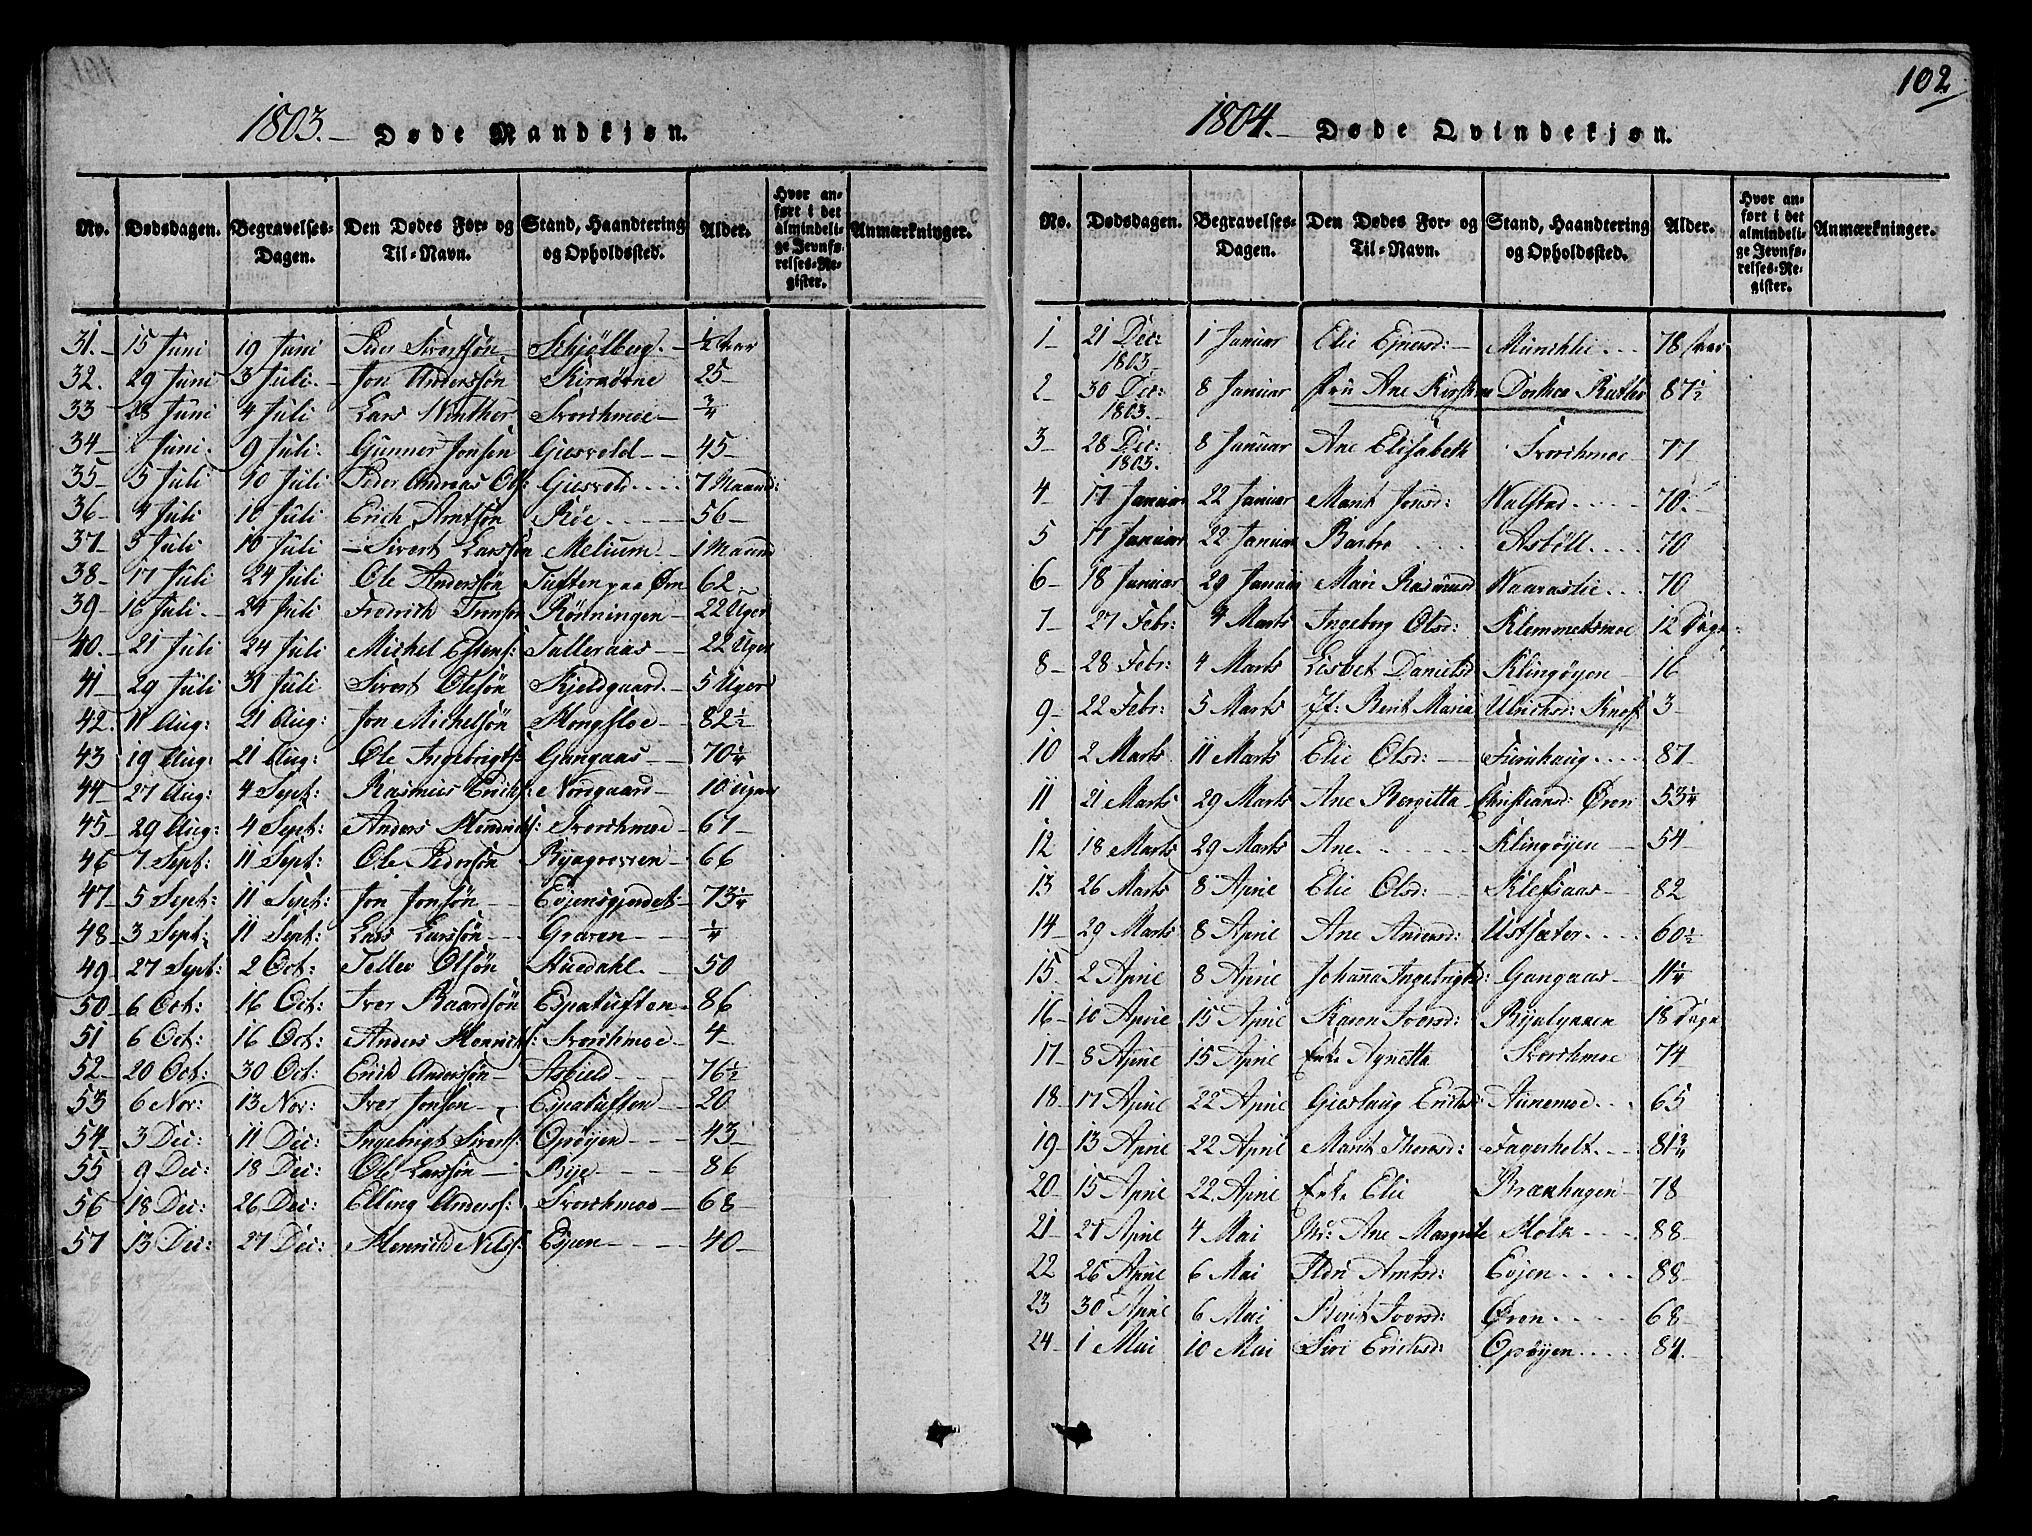 SAT, Ministerialprotokoller, klokkerbøker og fødselsregistre - Sør-Trøndelag, 668/L0803: Ministerialbok nr. 668A03, 1800-1826, s. 102